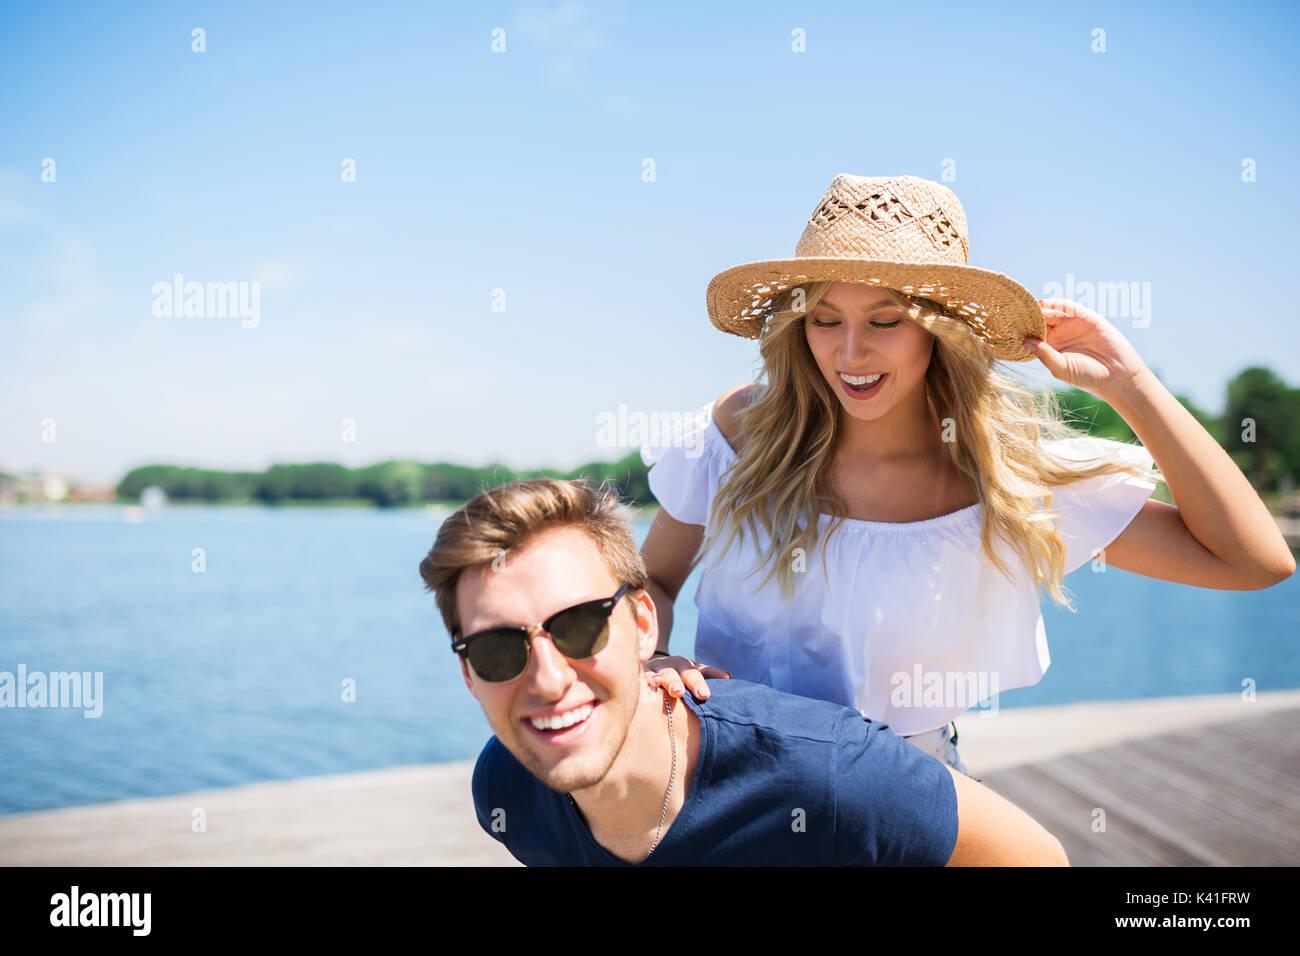 Ein Foto der Jungen, glückliches Paar auf Urlaub. Der Mann ist mit seiner Freundin ein Huckepack. Stockbild